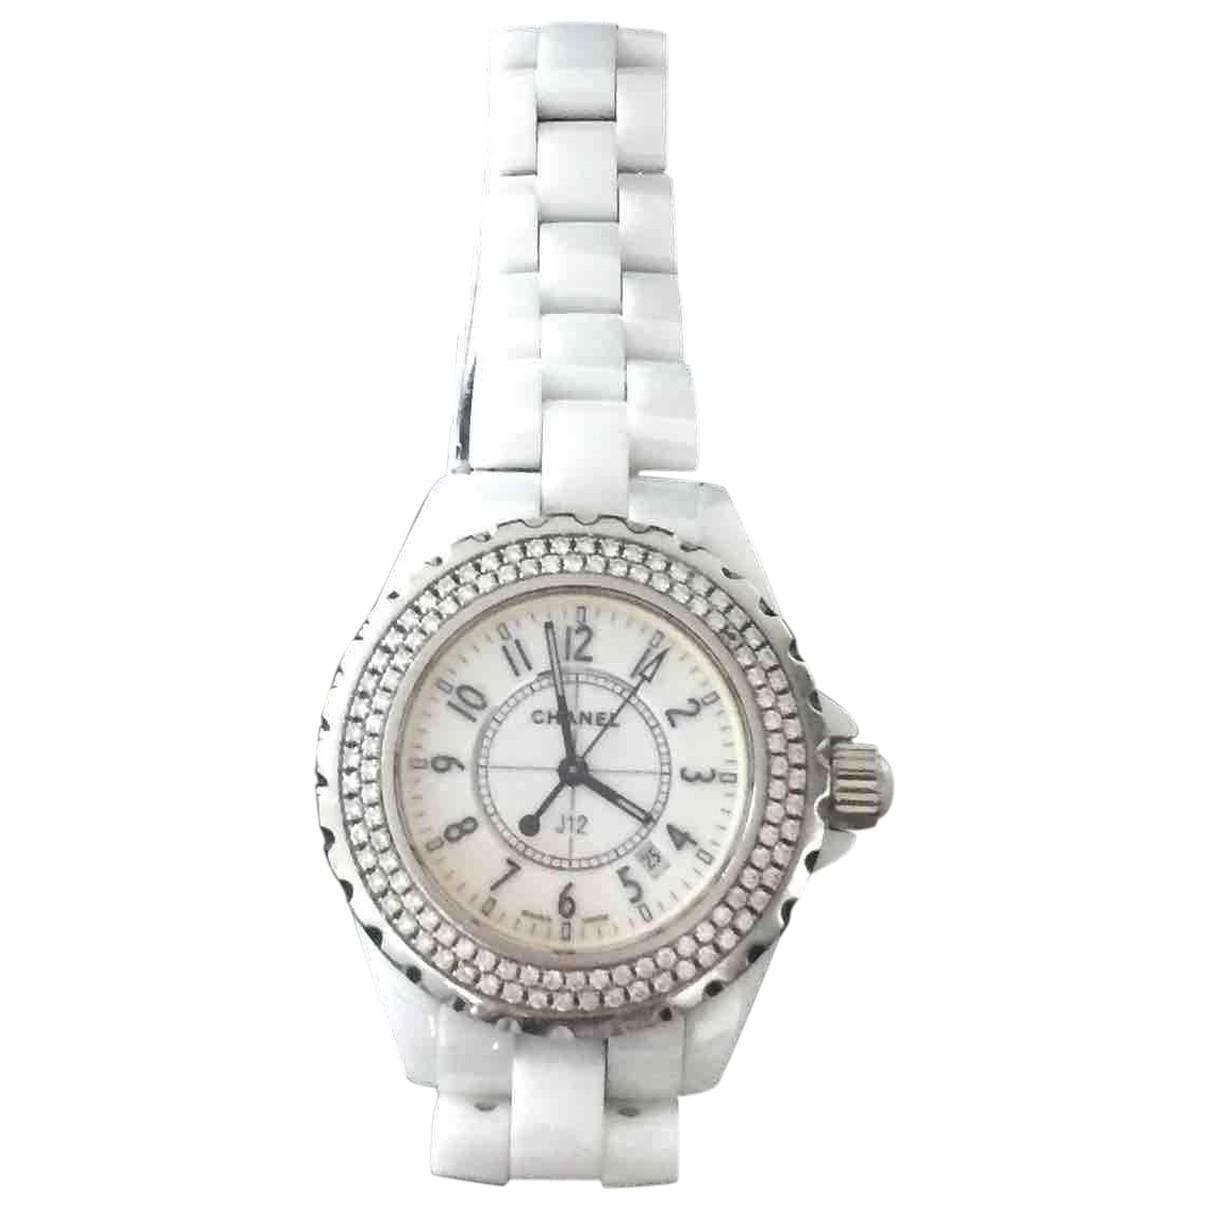 Reloj J12 Quartz de Ceramica Chanel